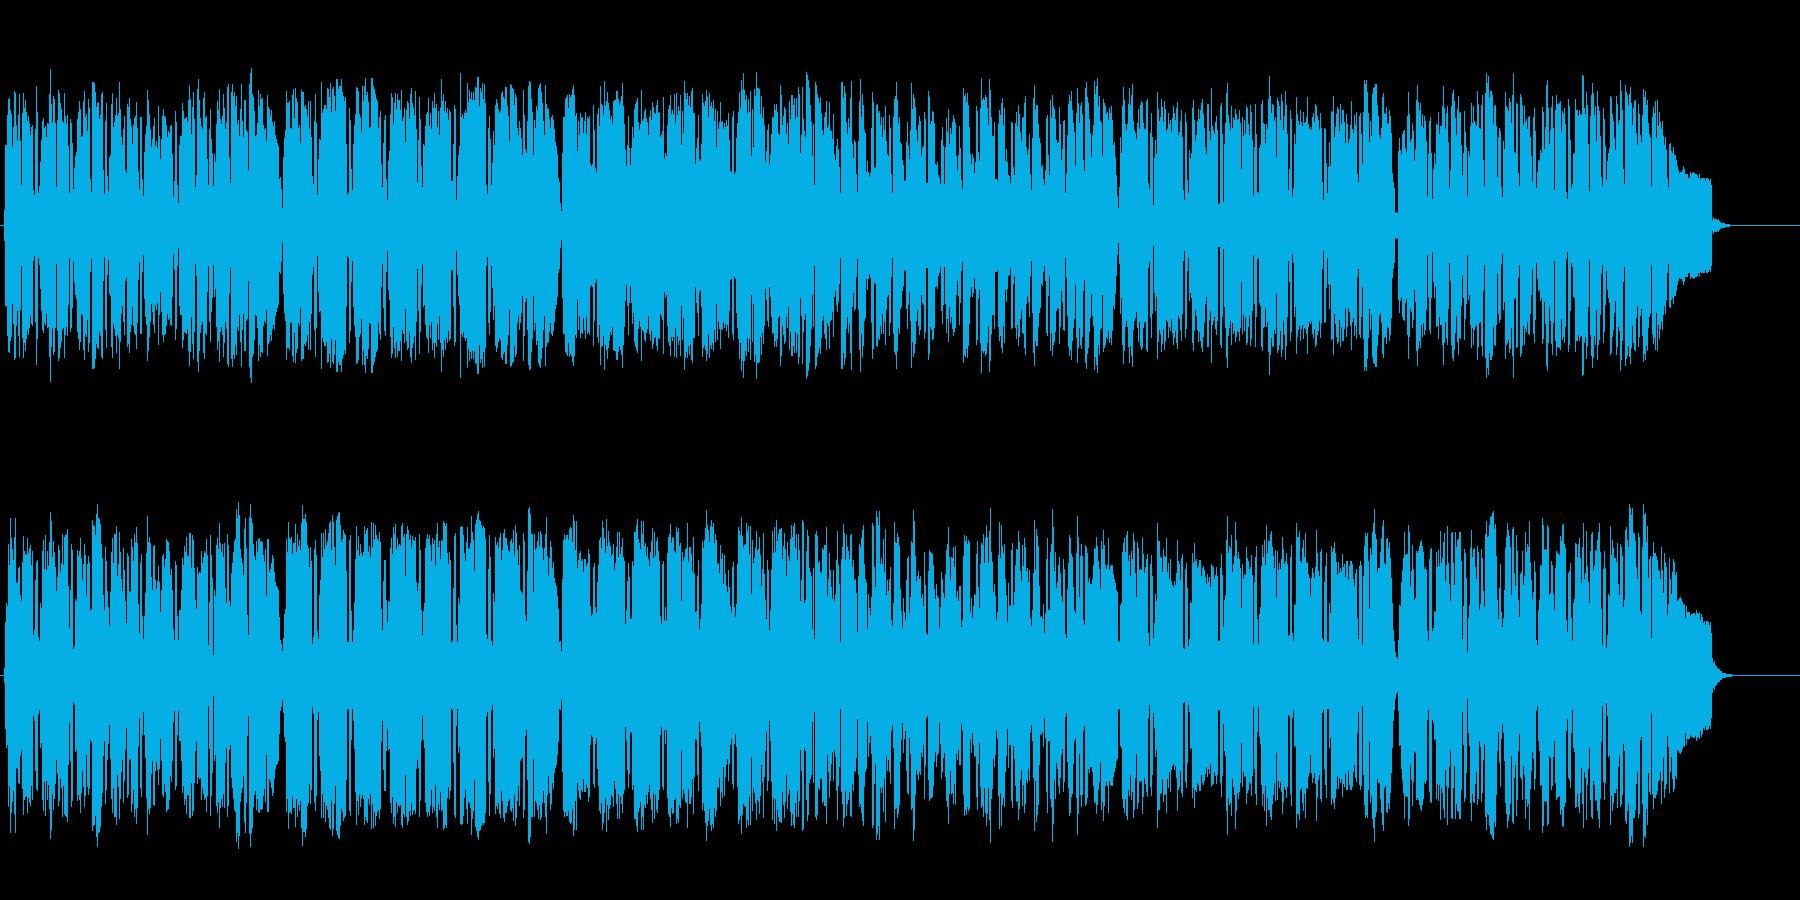 バロック調のエレガントなクラシックの再生済みの波形